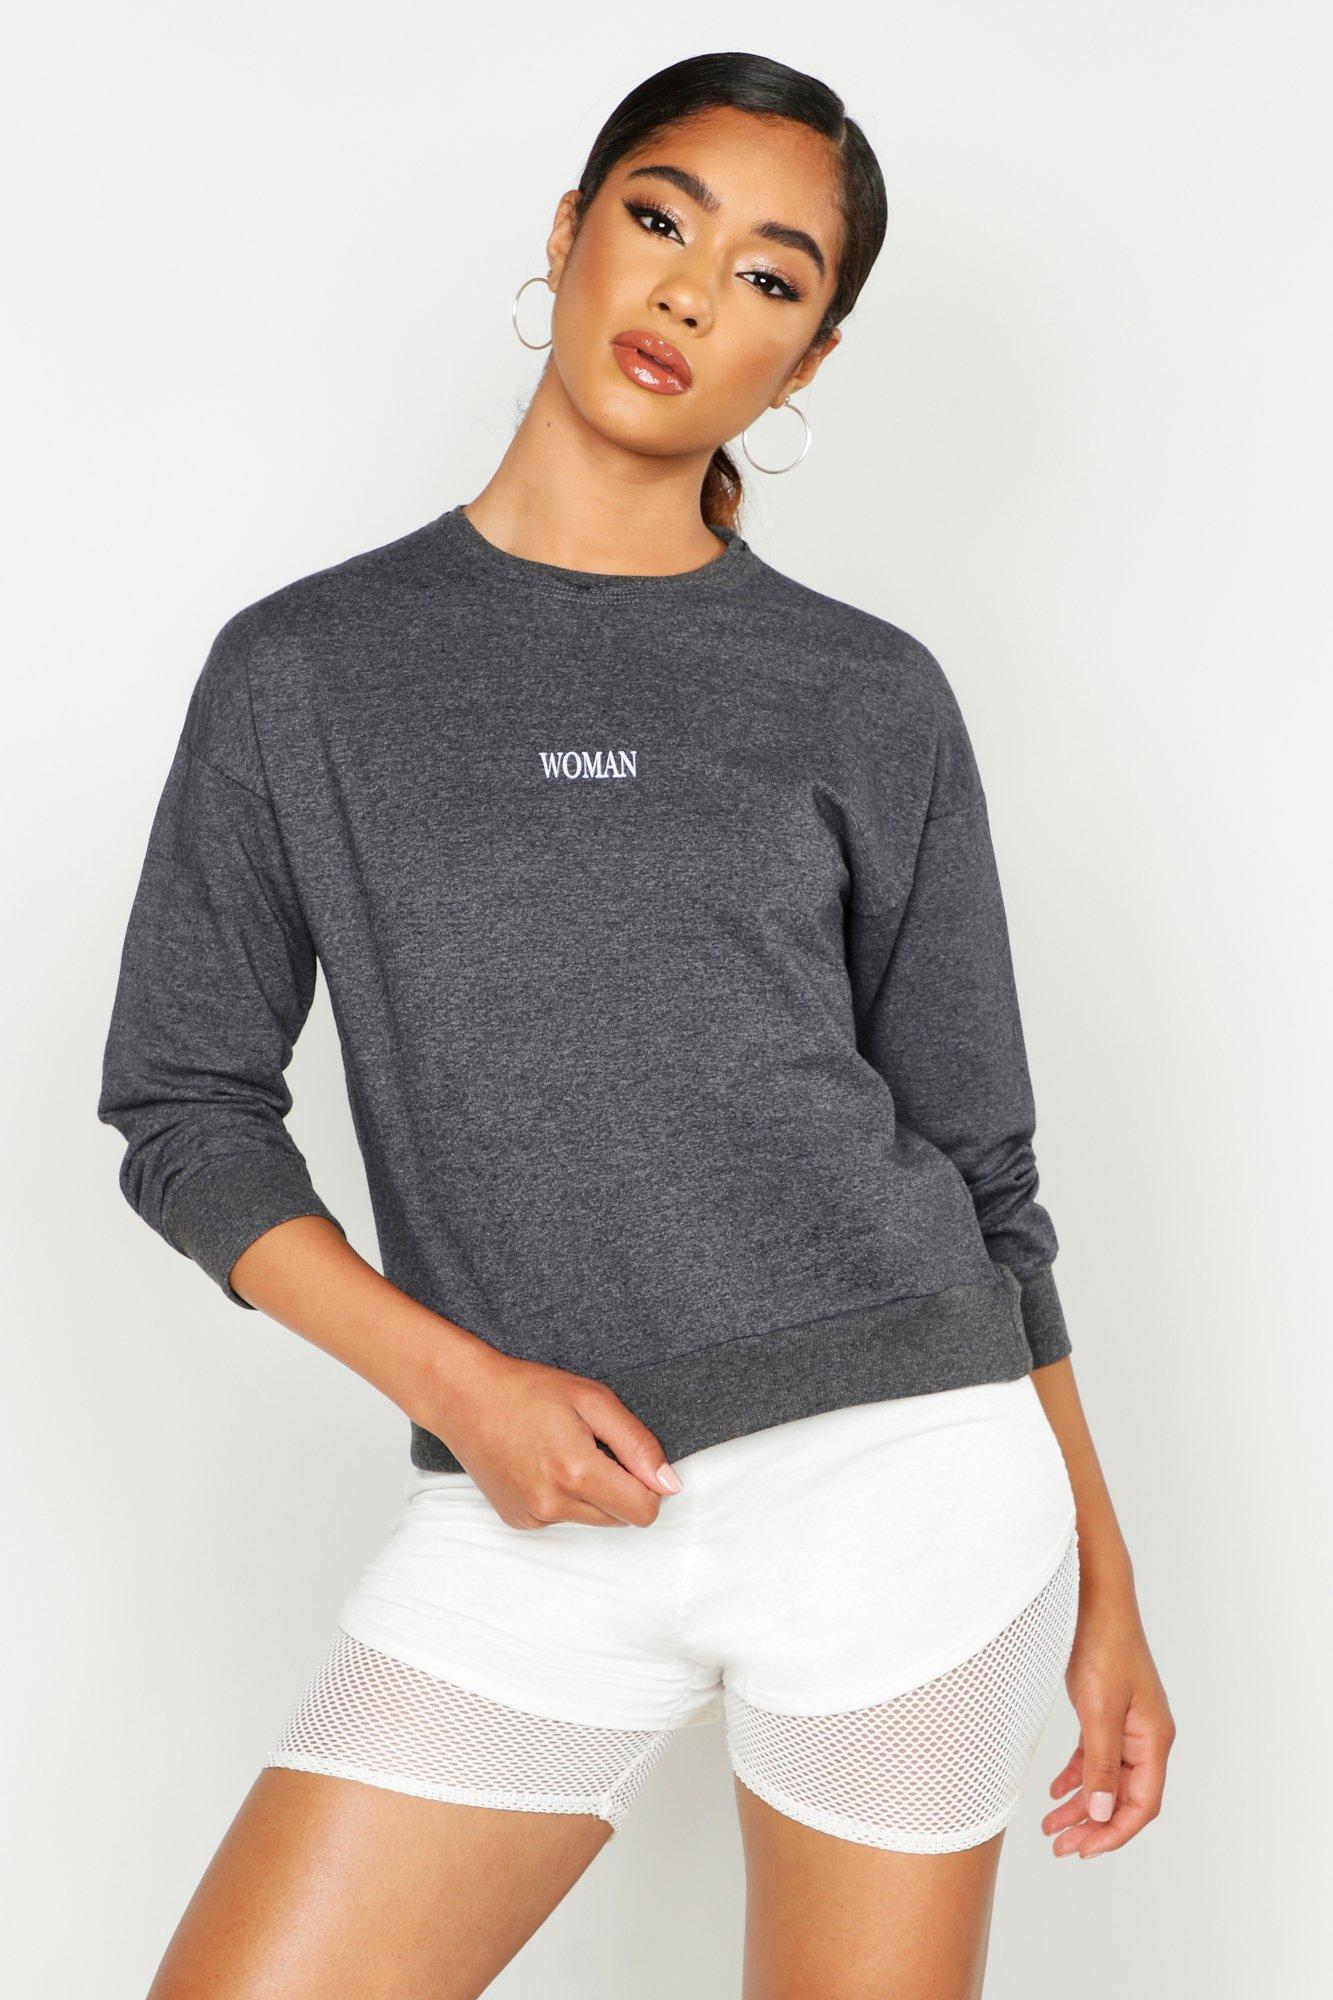 Womens Leichtes Sweatshirt mit Ziernähten und Slogan - dark grey - 34, Dark Grey - Boohoo.com